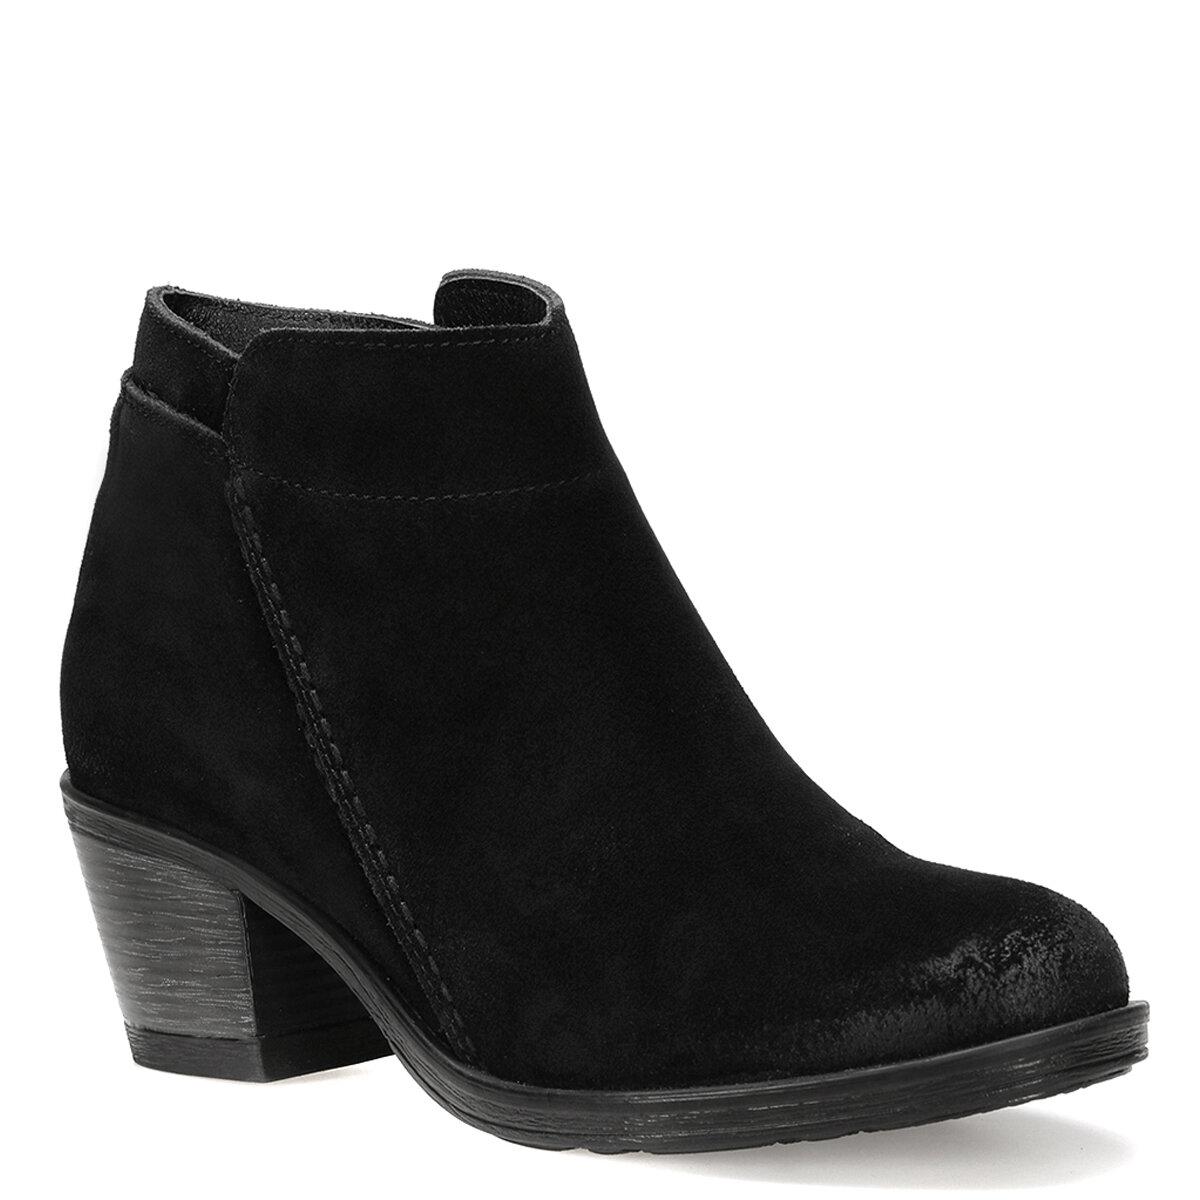 BOLCI Siyah Kadın Topuklu Bot